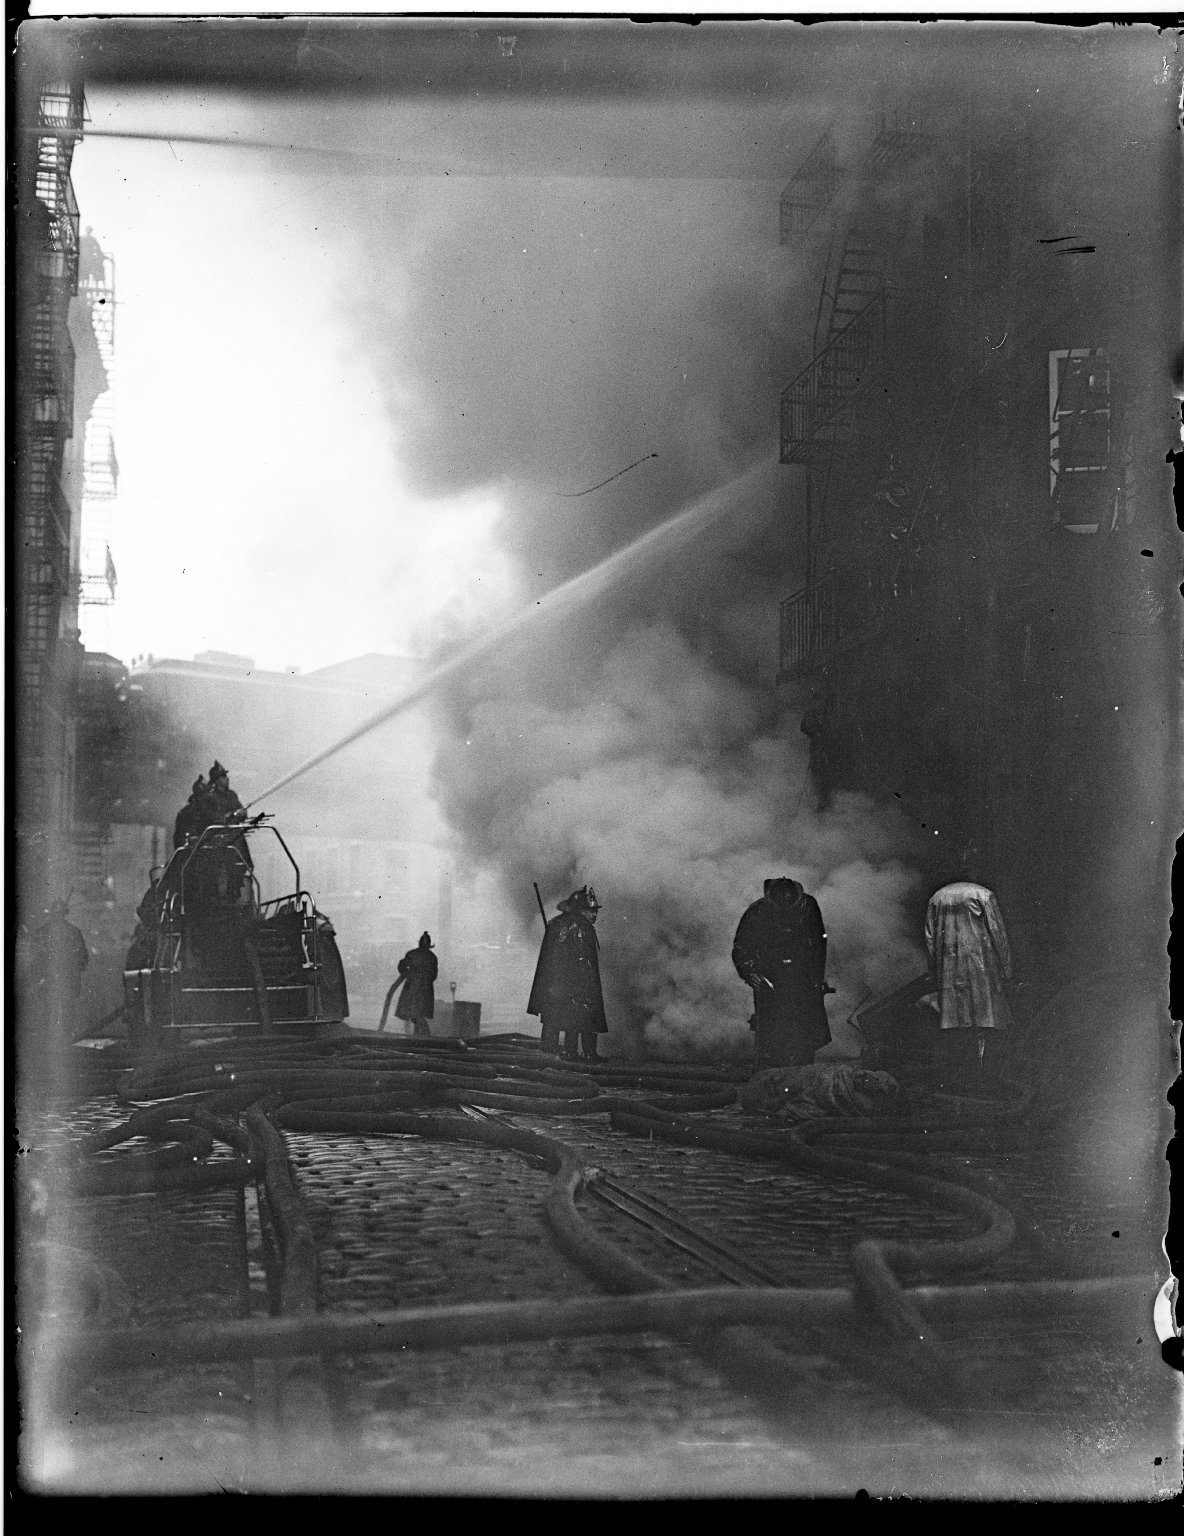 Тушение пожара с помощью автонасоса. Нью-Йорк, США. 1930-е